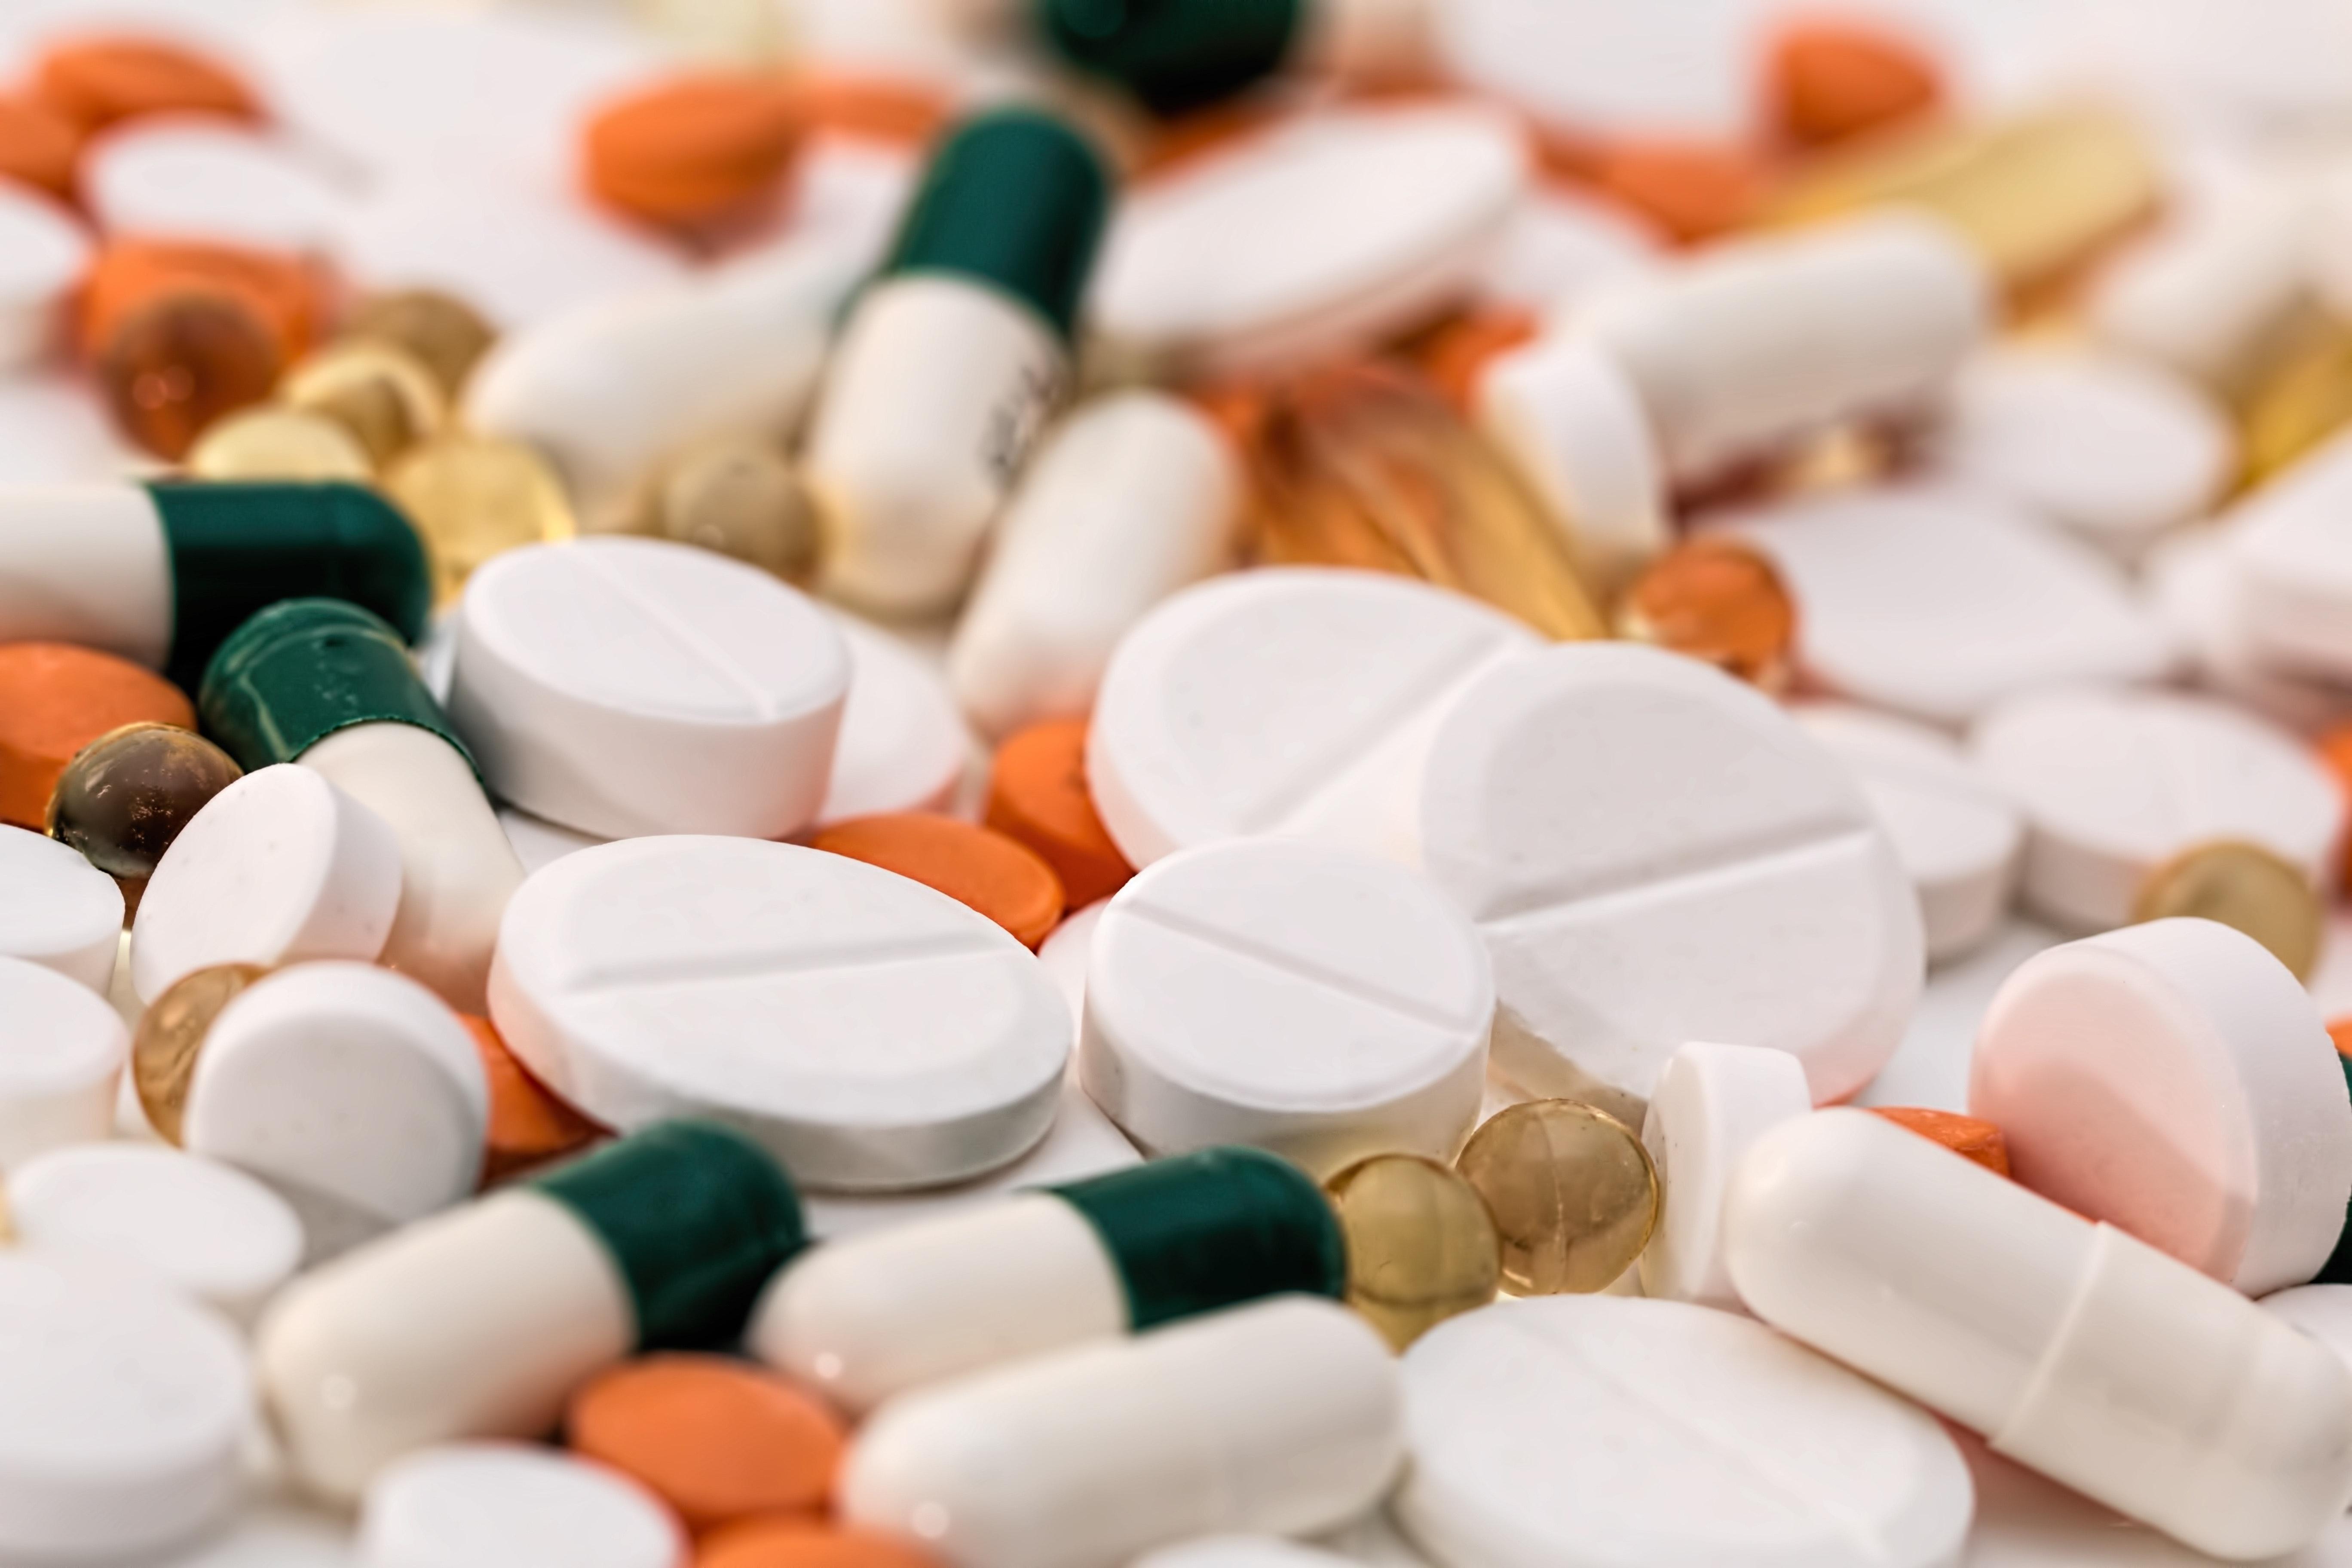 [SANTE] Autorisation d'accès précoce et compassionnel de certains médicaments